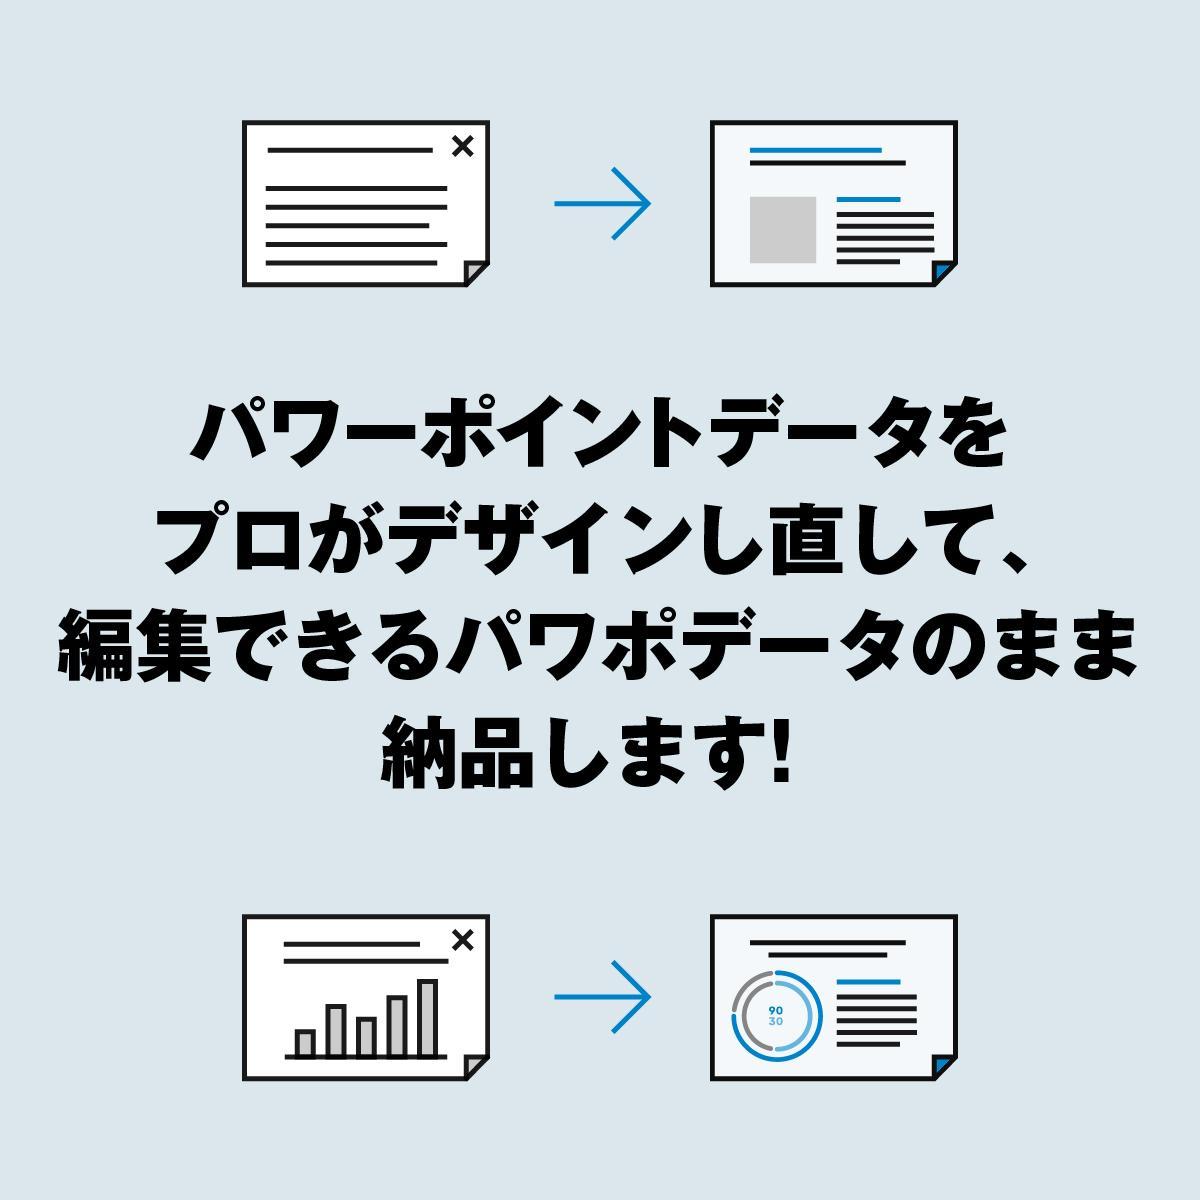 パワーポイントの資料データをプロがリデザインします 資料をプロがデザインし、編集可能なパワポデータで納品します イメージ1